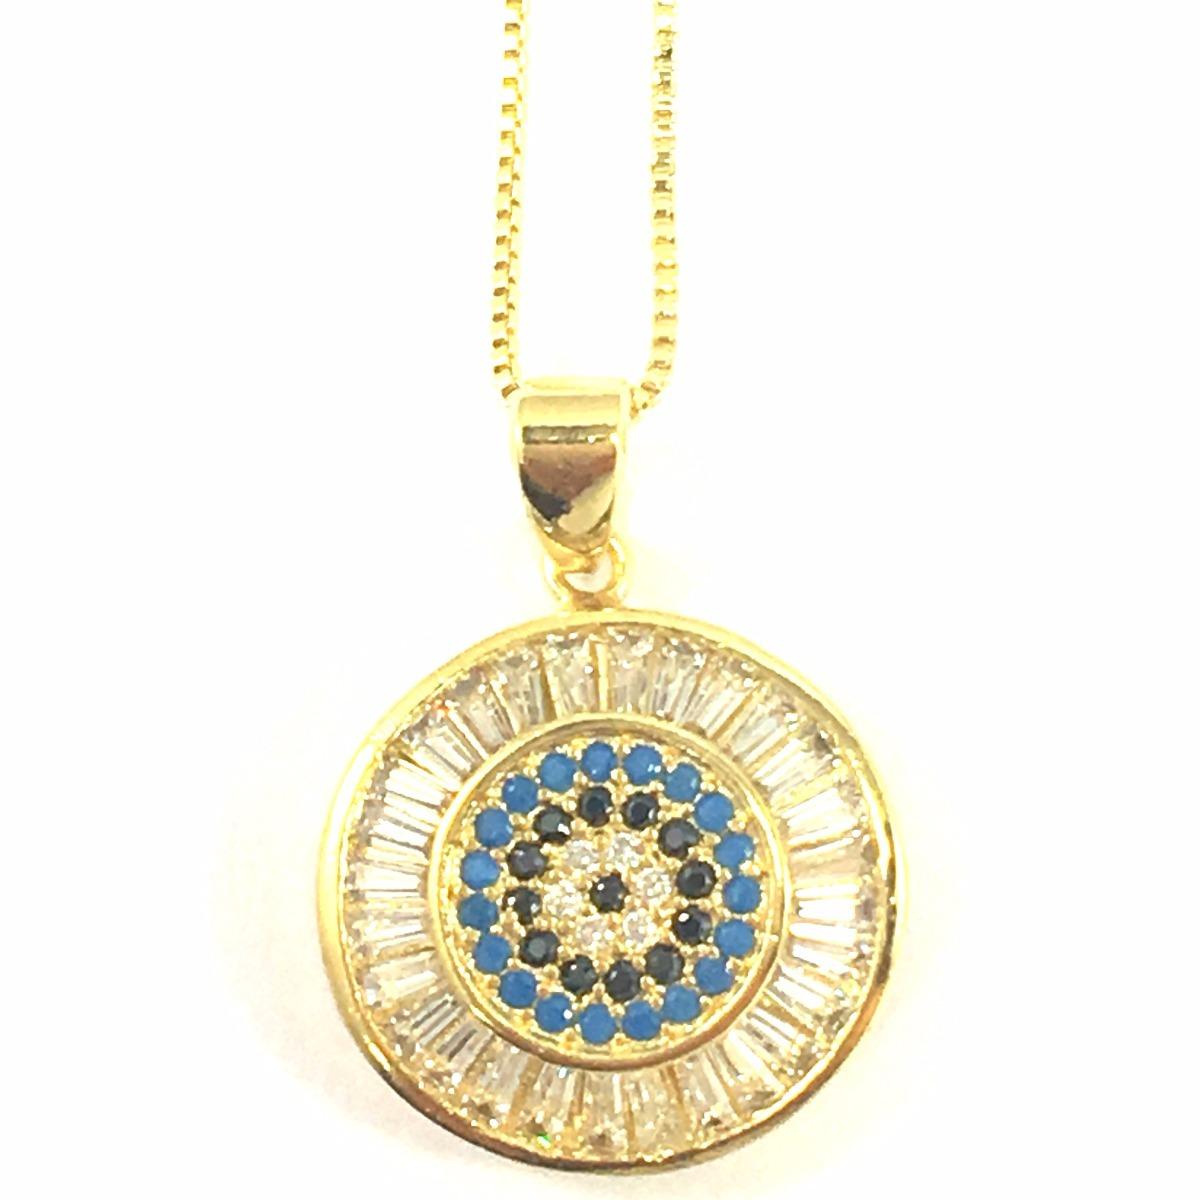 00354188742da colar olho grego zirconias baguete banhado a ouro 18k. Carregando zoom.